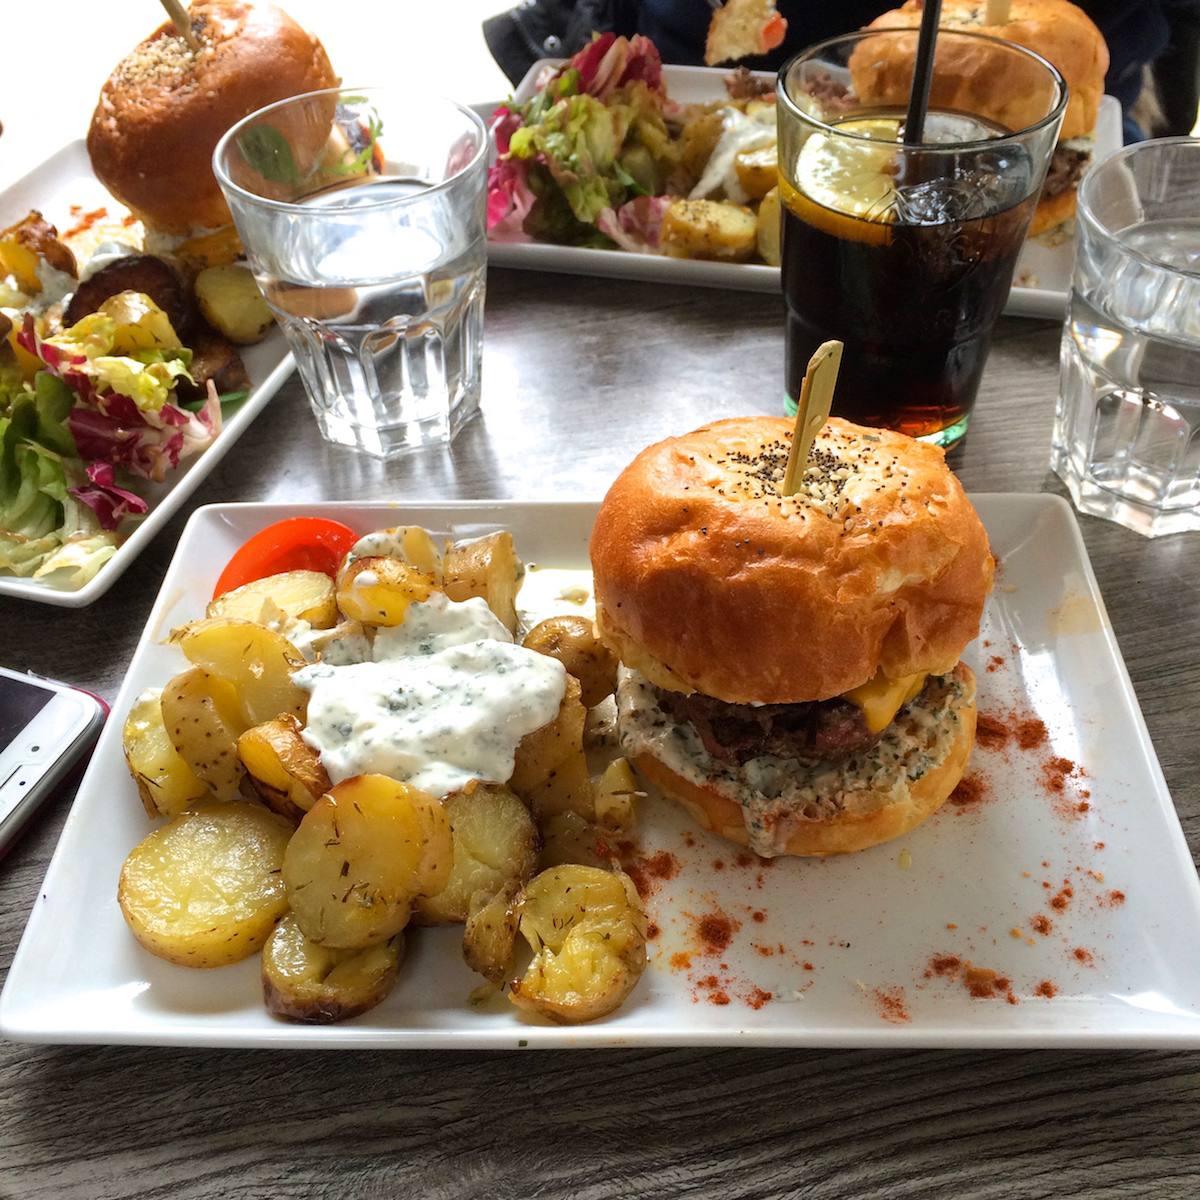 11 - Froggys rennes - Meilleur burger nantes